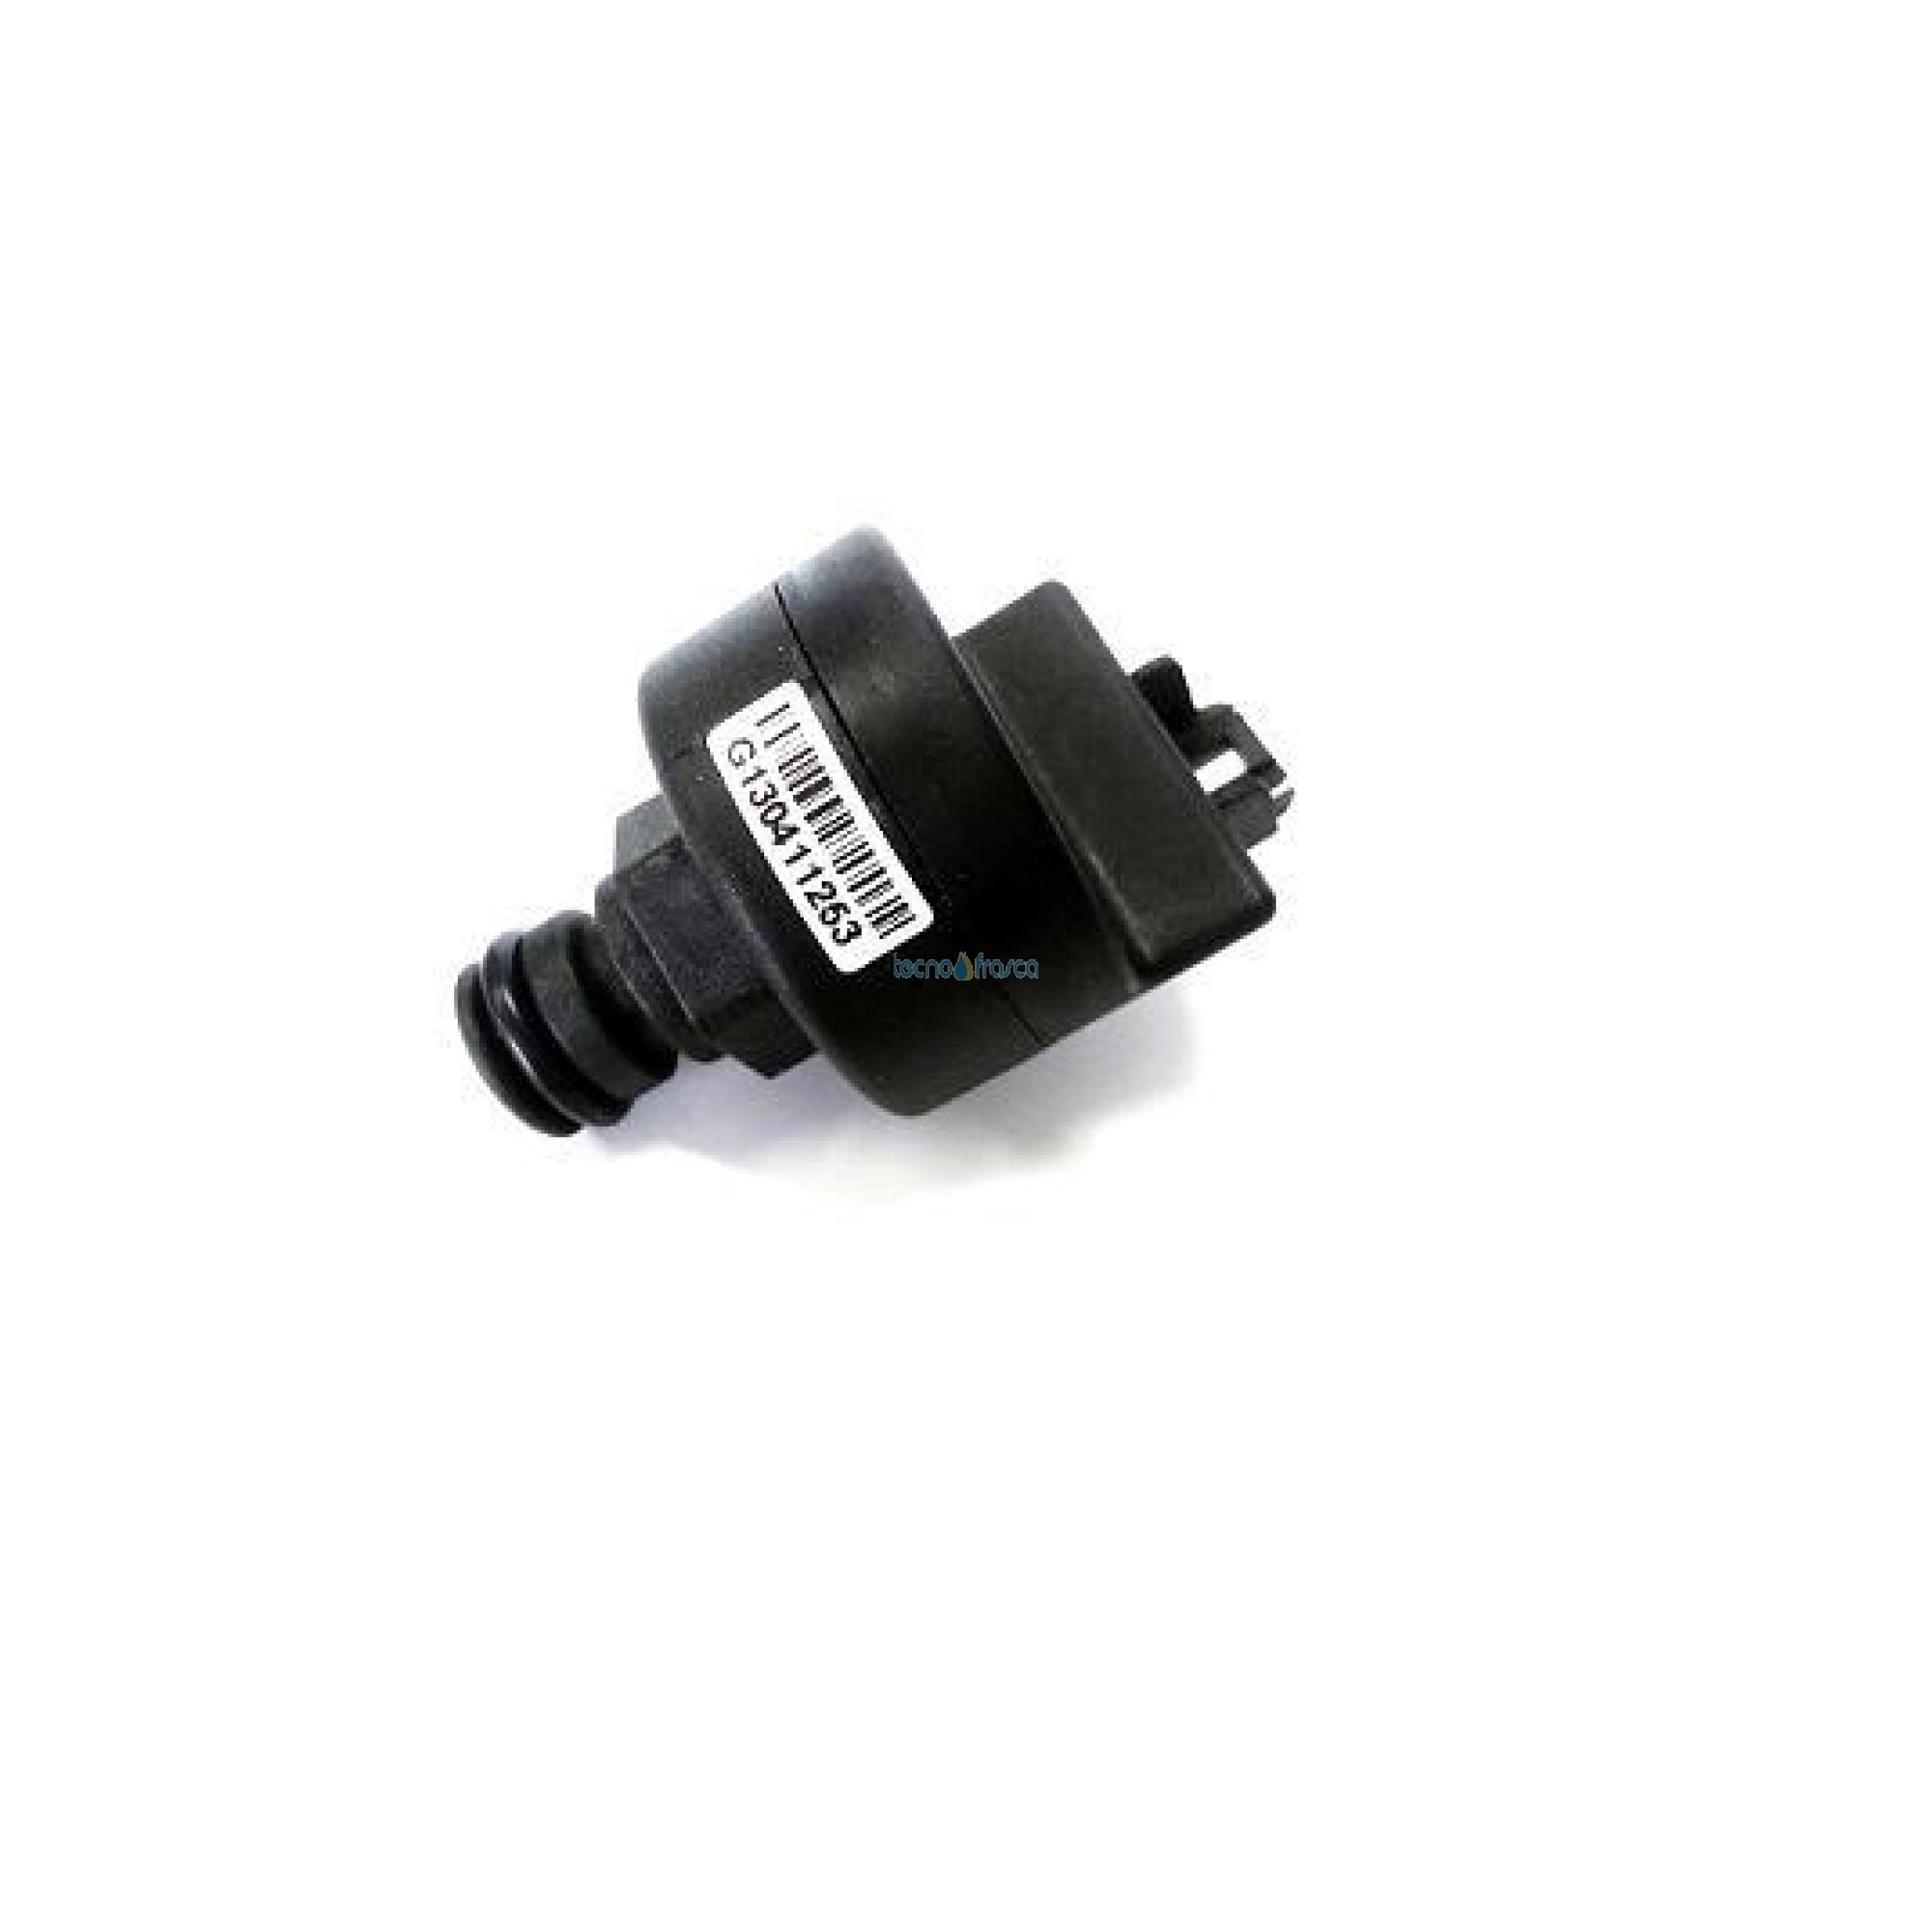 Trasduttore di pressione innesto 1/4 vre140-i